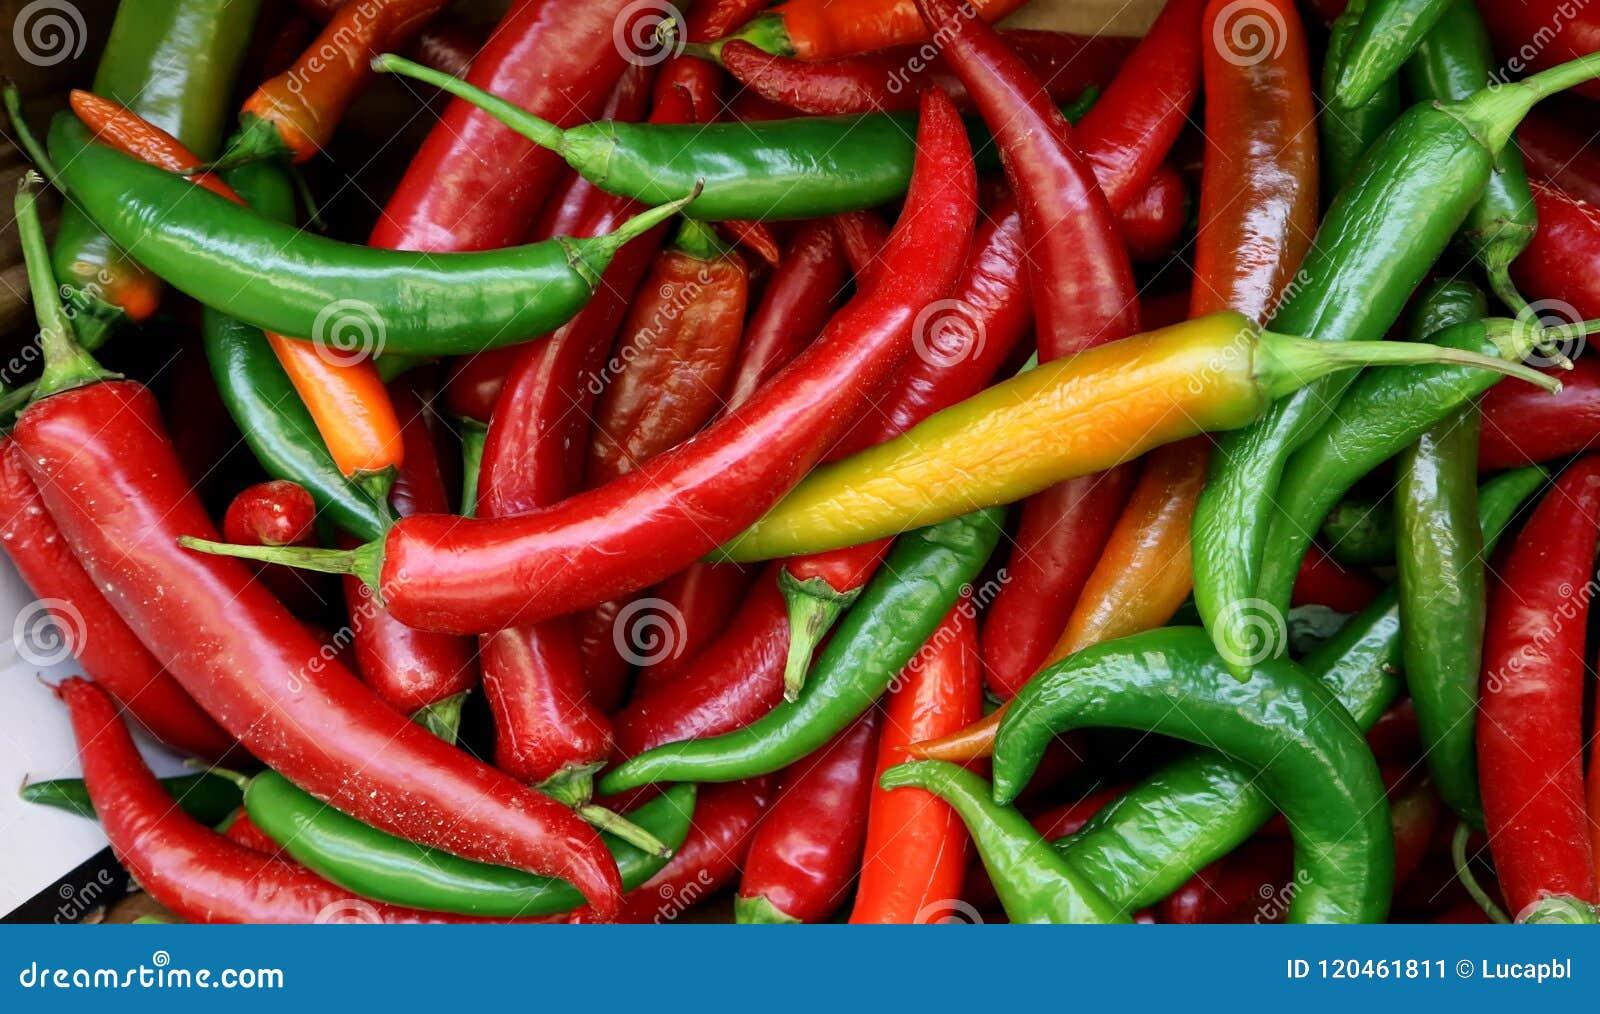 Italienische lange Peperoni oder italienische lange hots, gerade ausgewählt in einem Korb